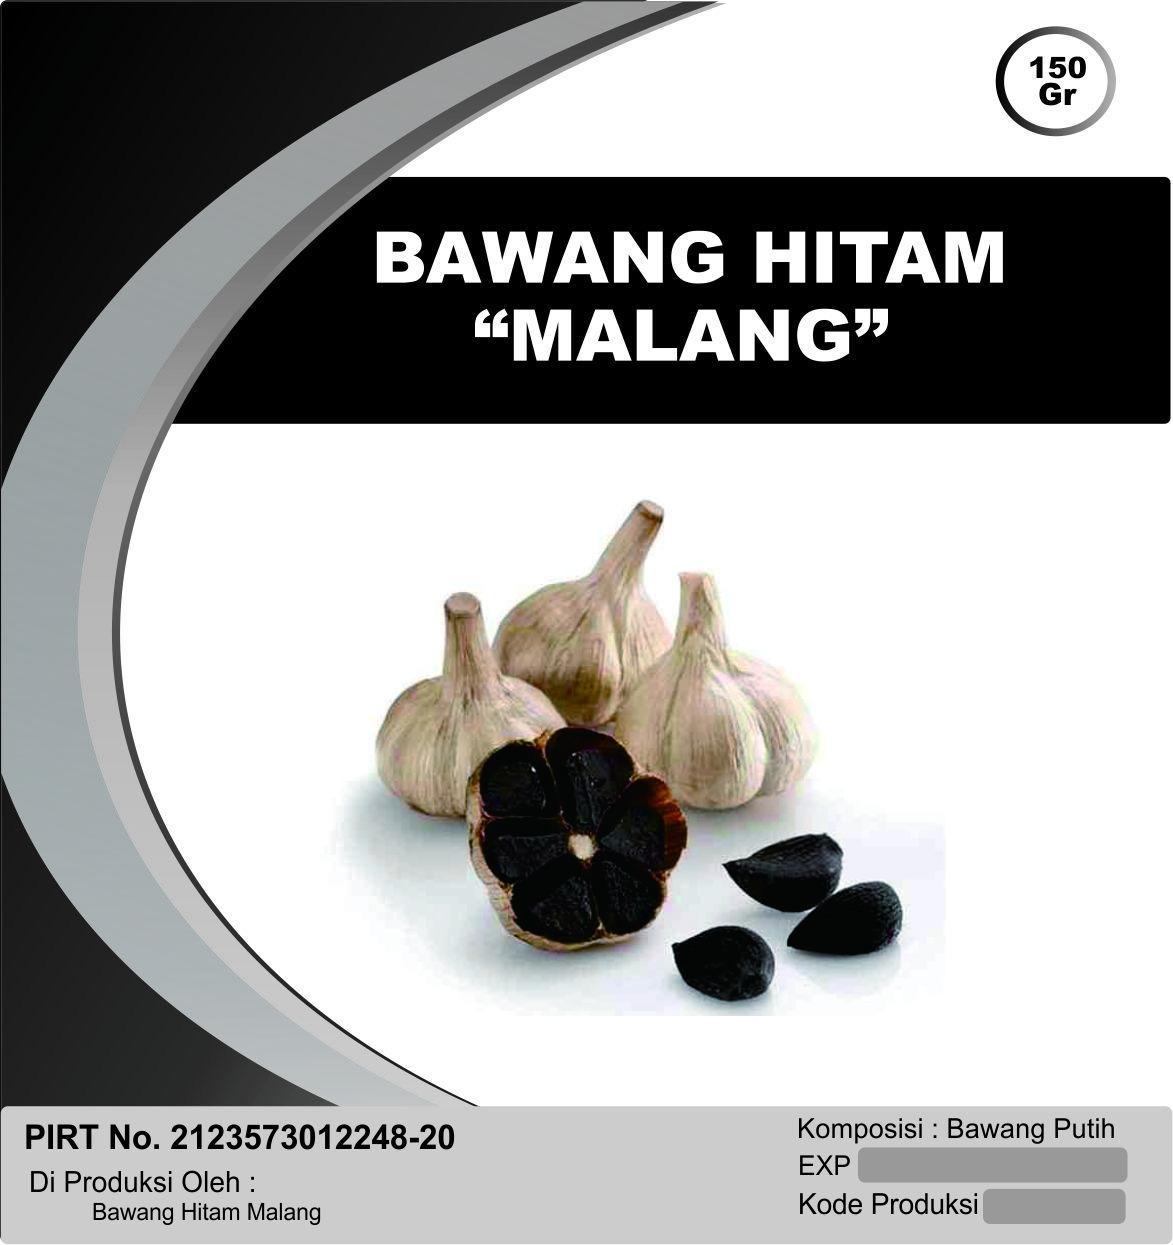 Bawang Hitam Malang Murah Berkualitas 150 Gram / Black Garlic